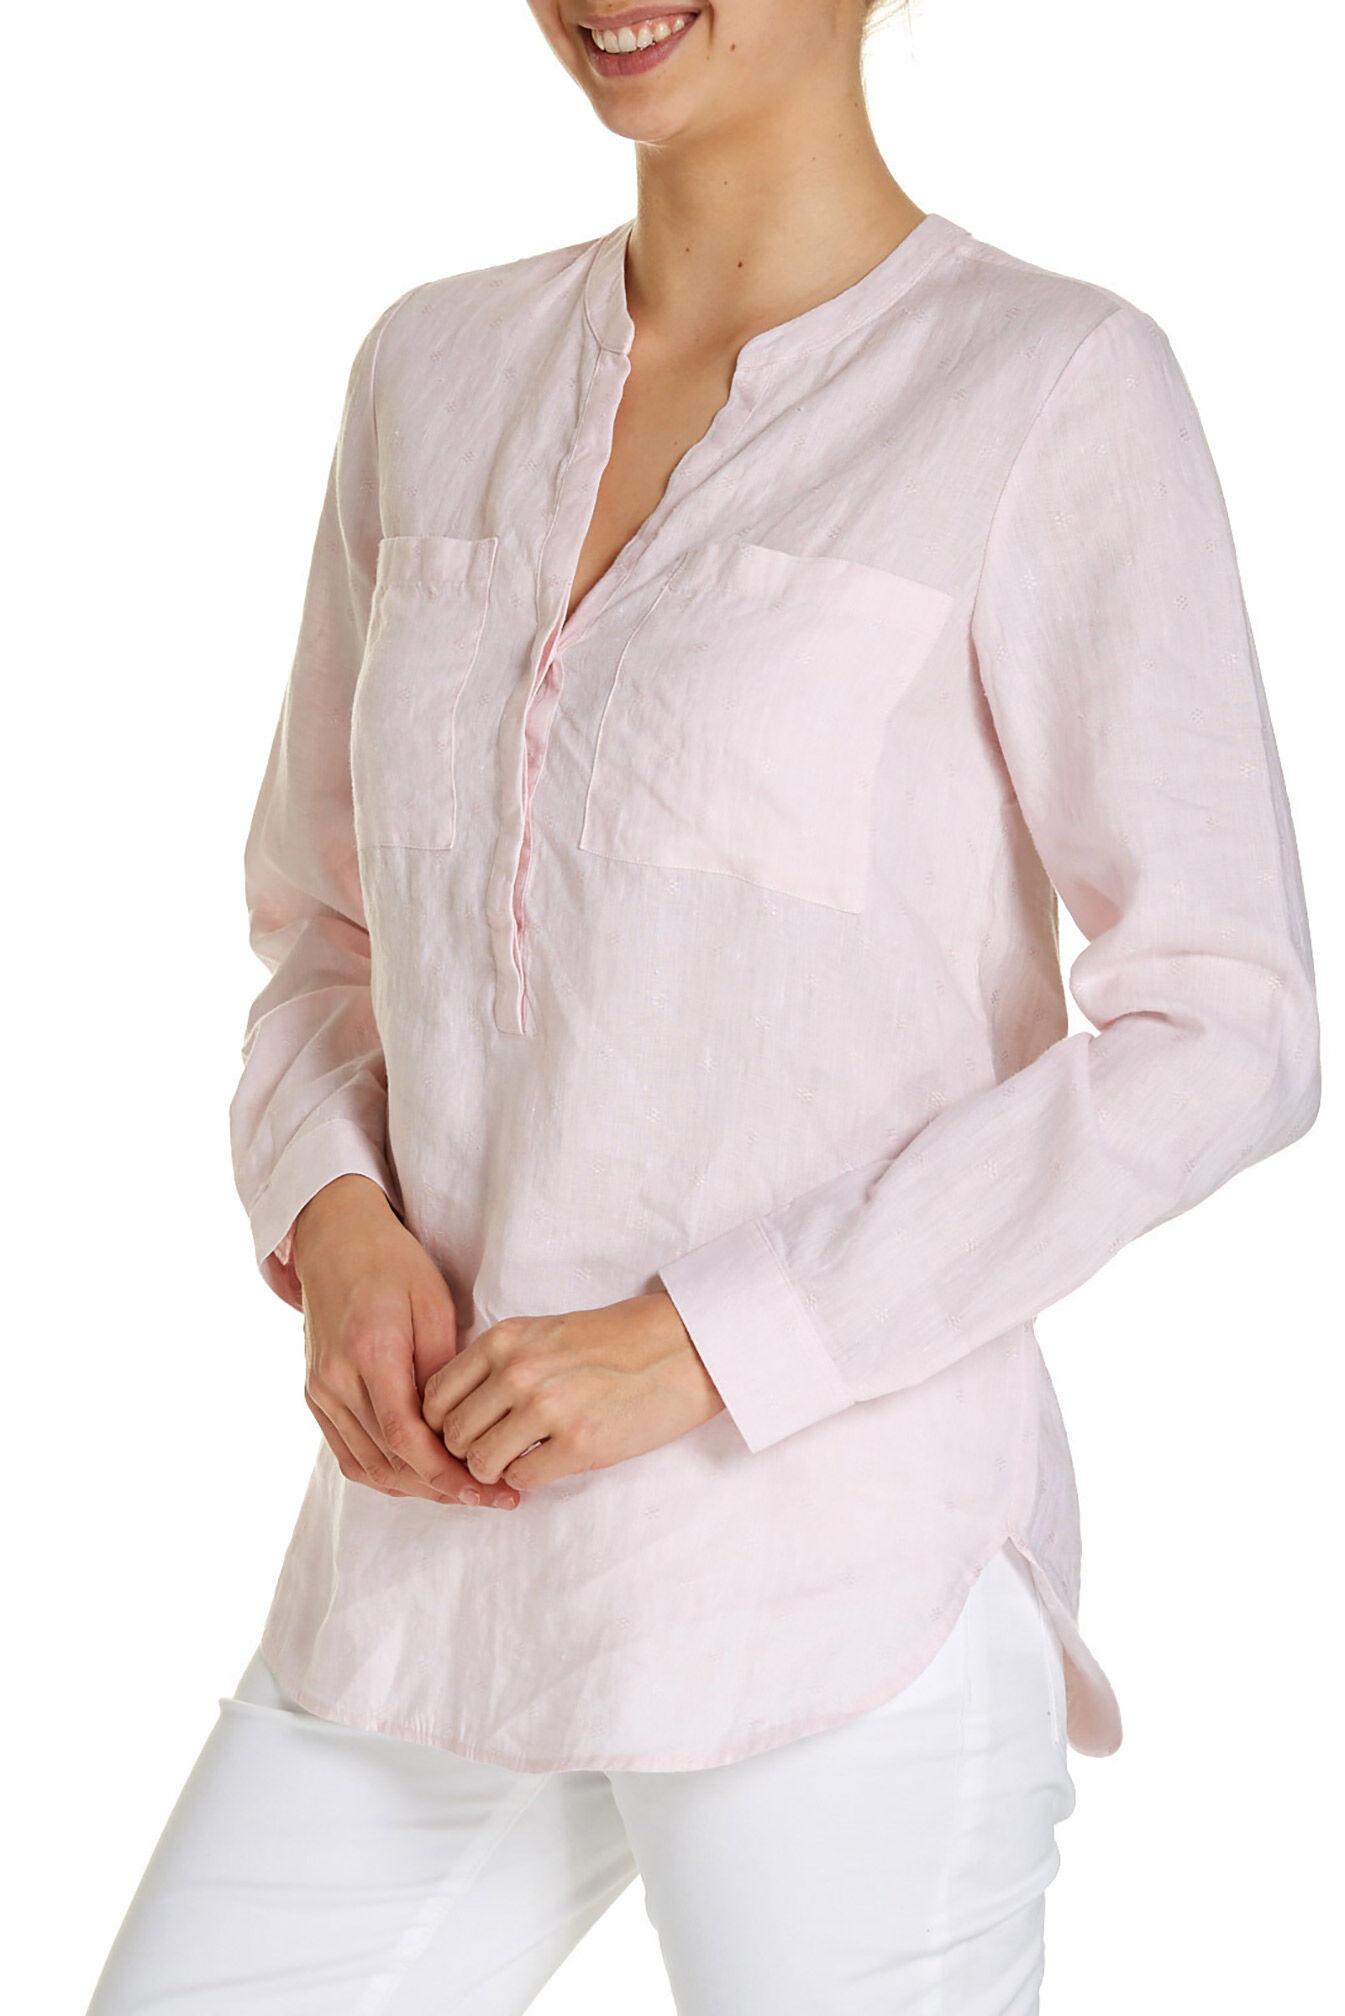 New sportscraft womens sonya textured linen shirt tops for Womens linen shirts blouses